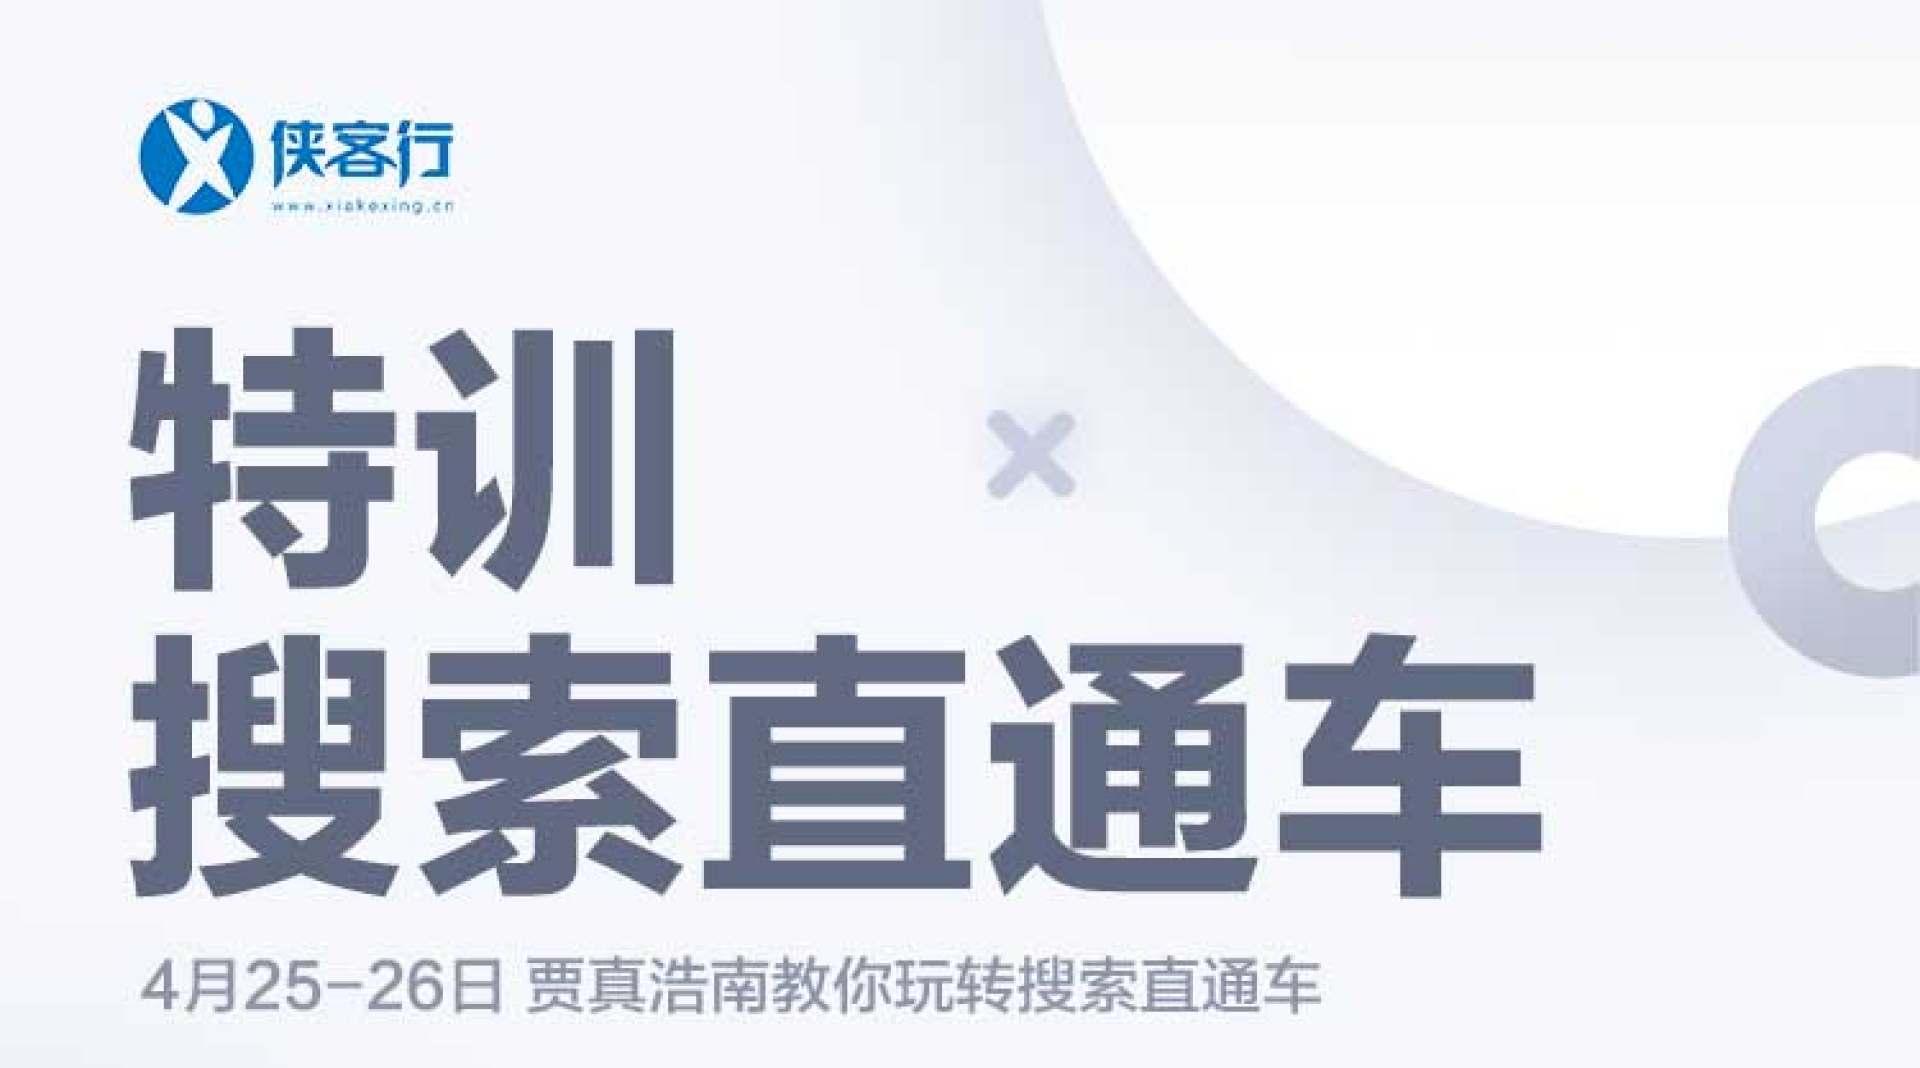 南京电商 电商培训 淘宝大学 南京培训 速卖通大学